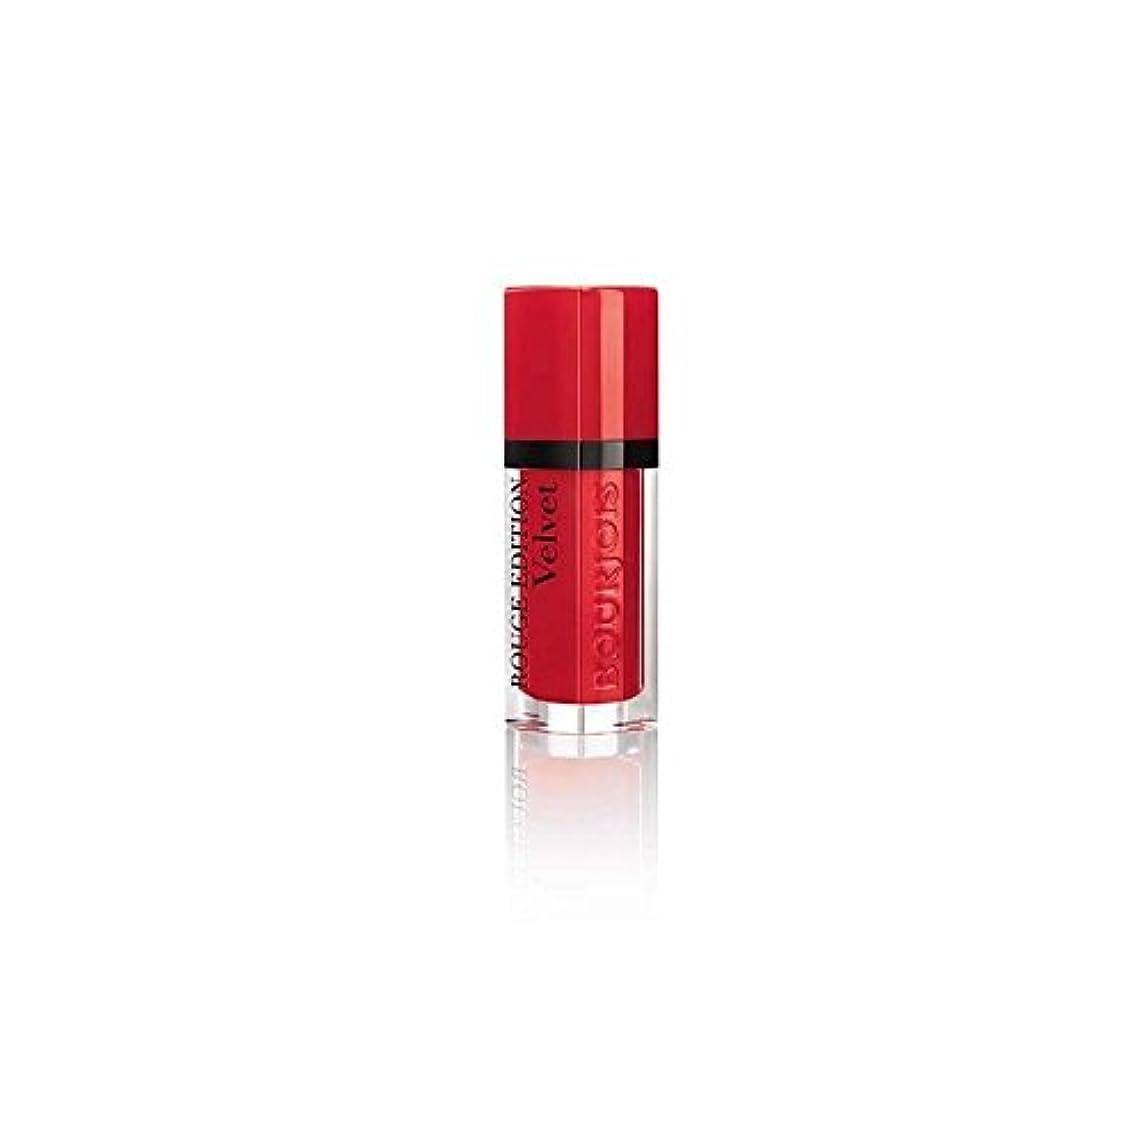 ガム受付レクリエーションBourjois Rouge Edition Velvet Lipstick It's Redding Men 18 - ブルジョワルージュ版のベルベットの口紅は、それはレディングの男性18です [並行輸入品]